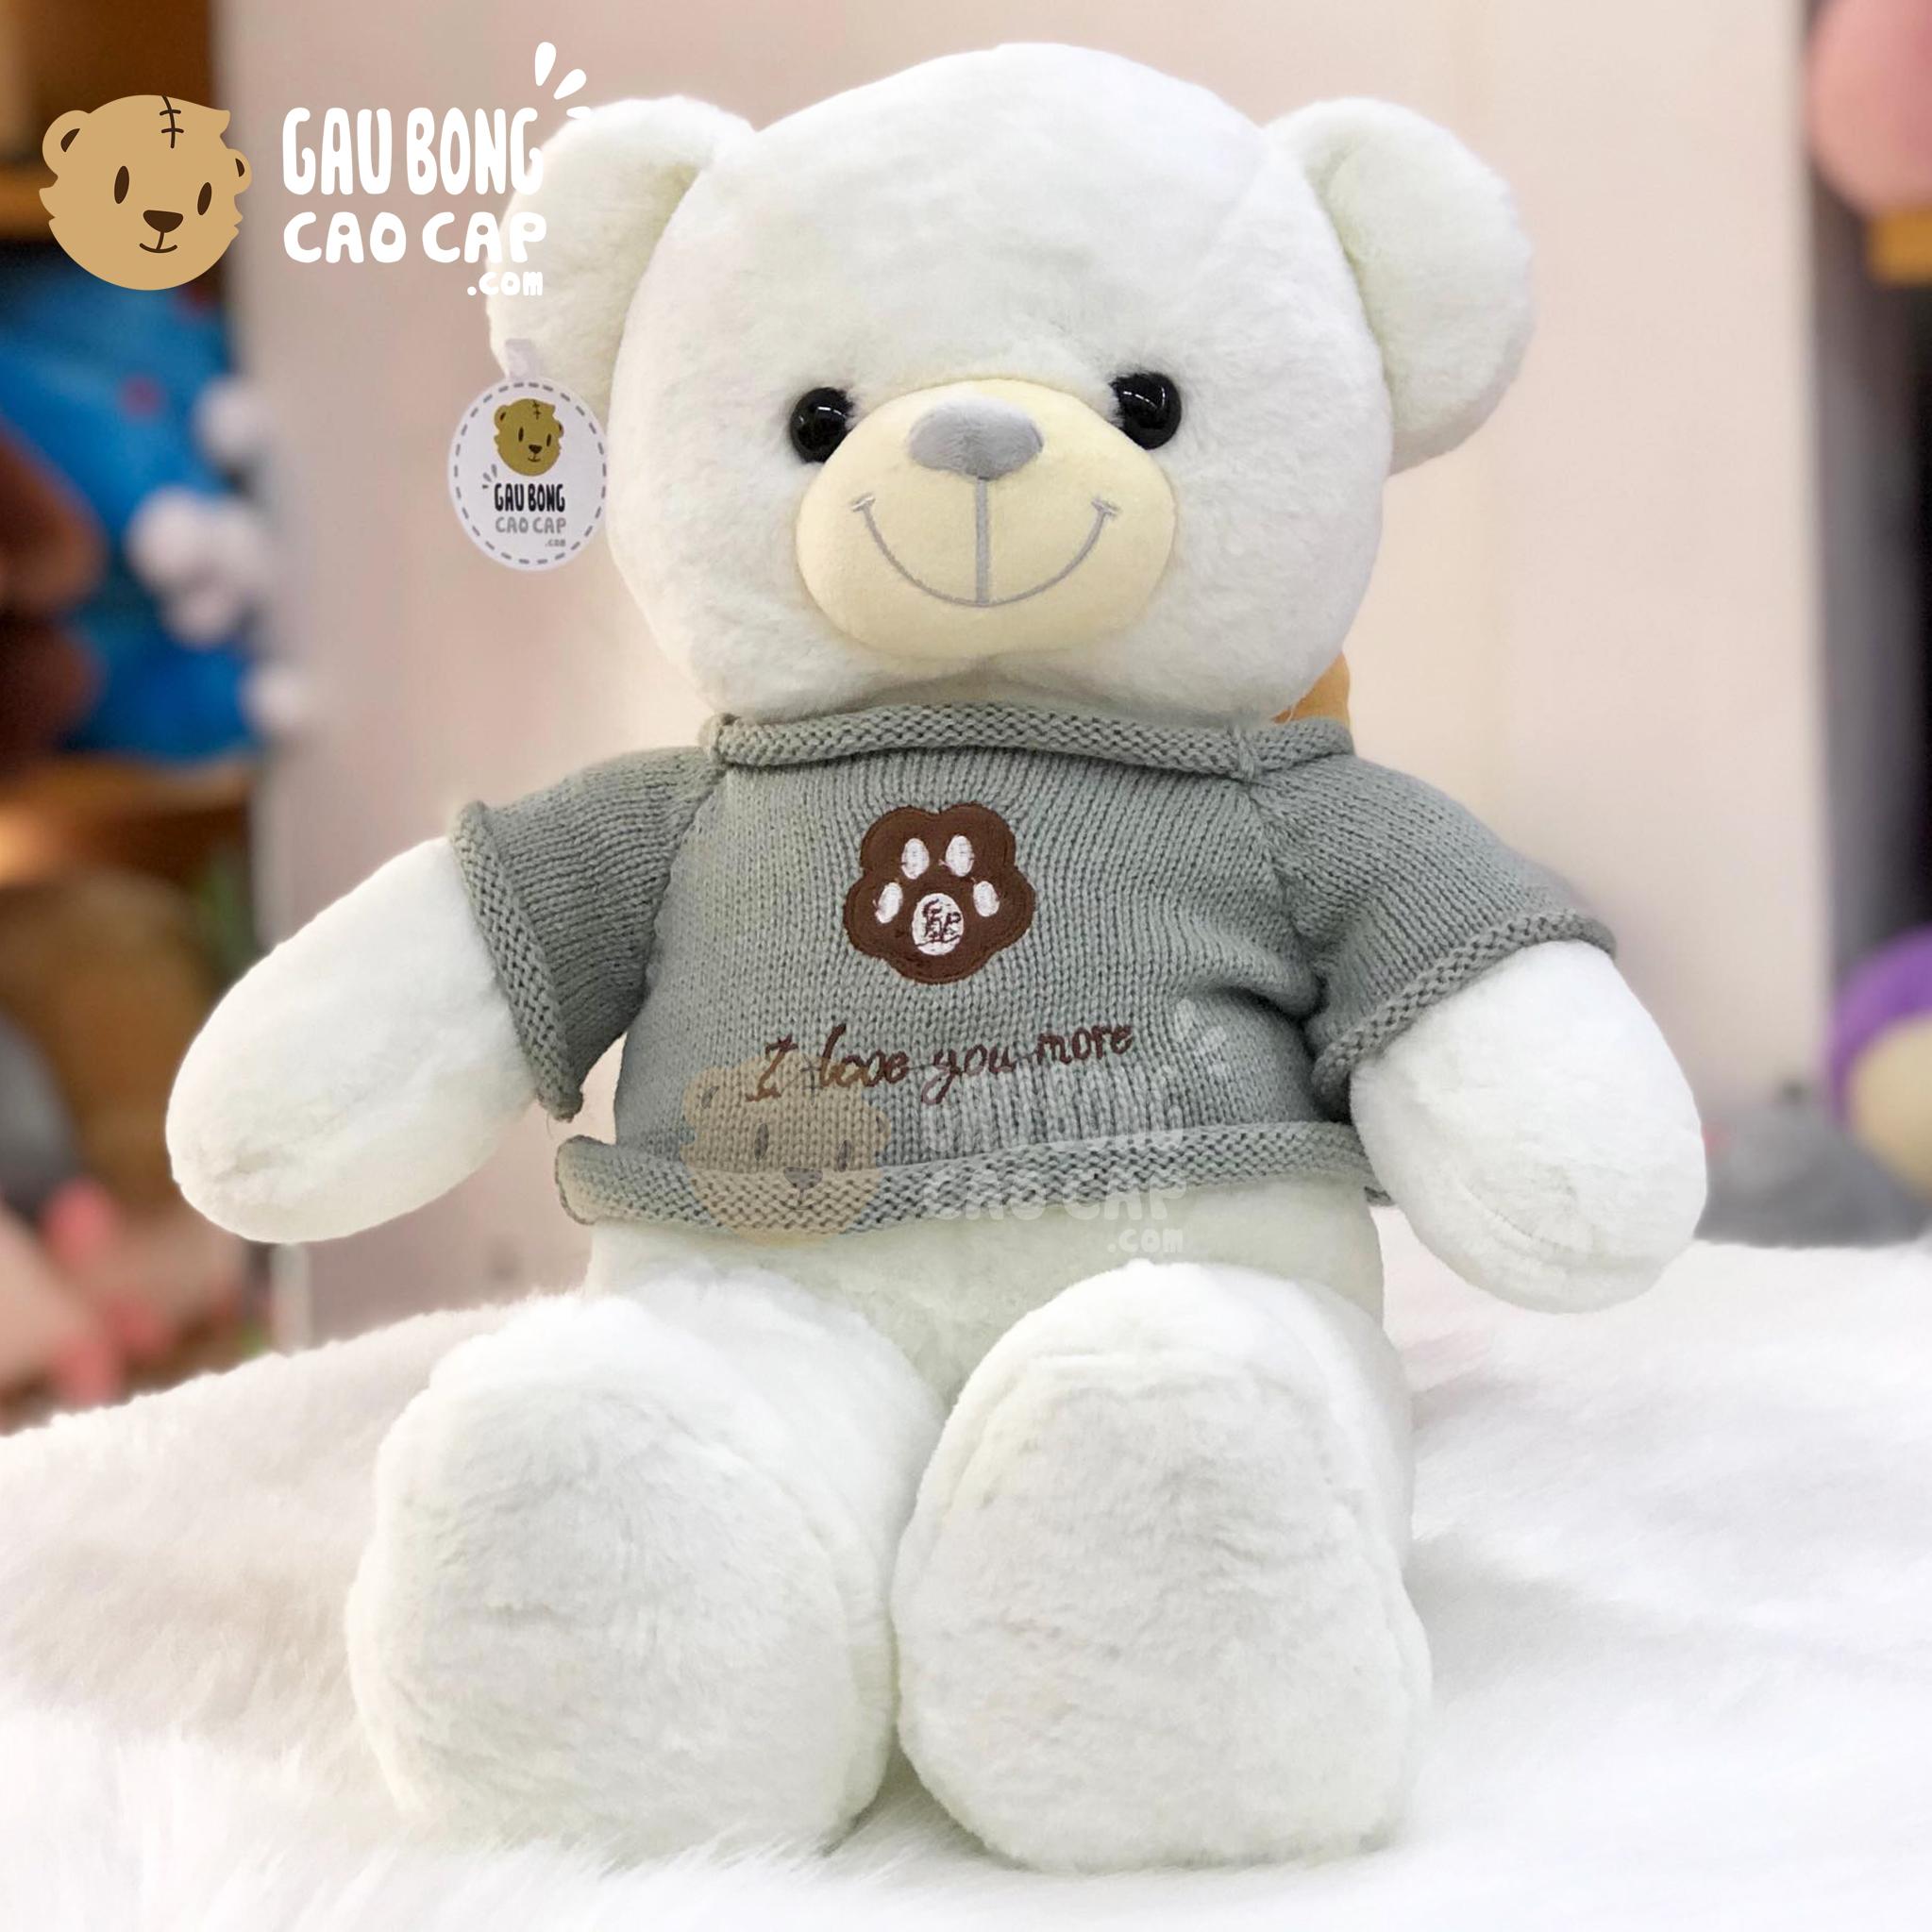 Gấu Teddy Smooth áo len thêu Chân Gấu I Love You More